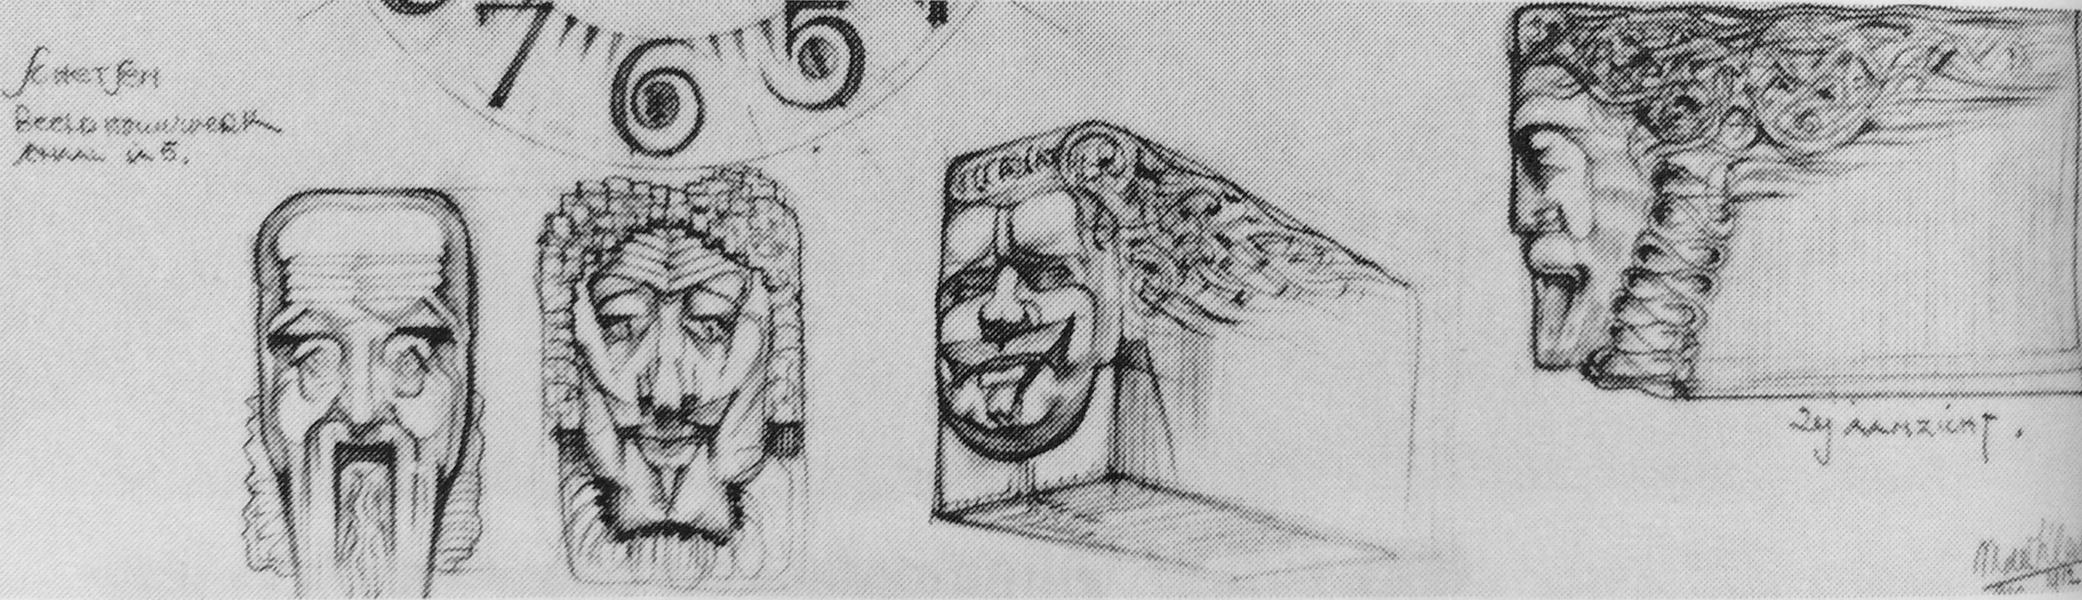 michel de klerk - potloodschets voorbeeld consolekoppen - foto: van der mey en het scheepvaarthuis 1989